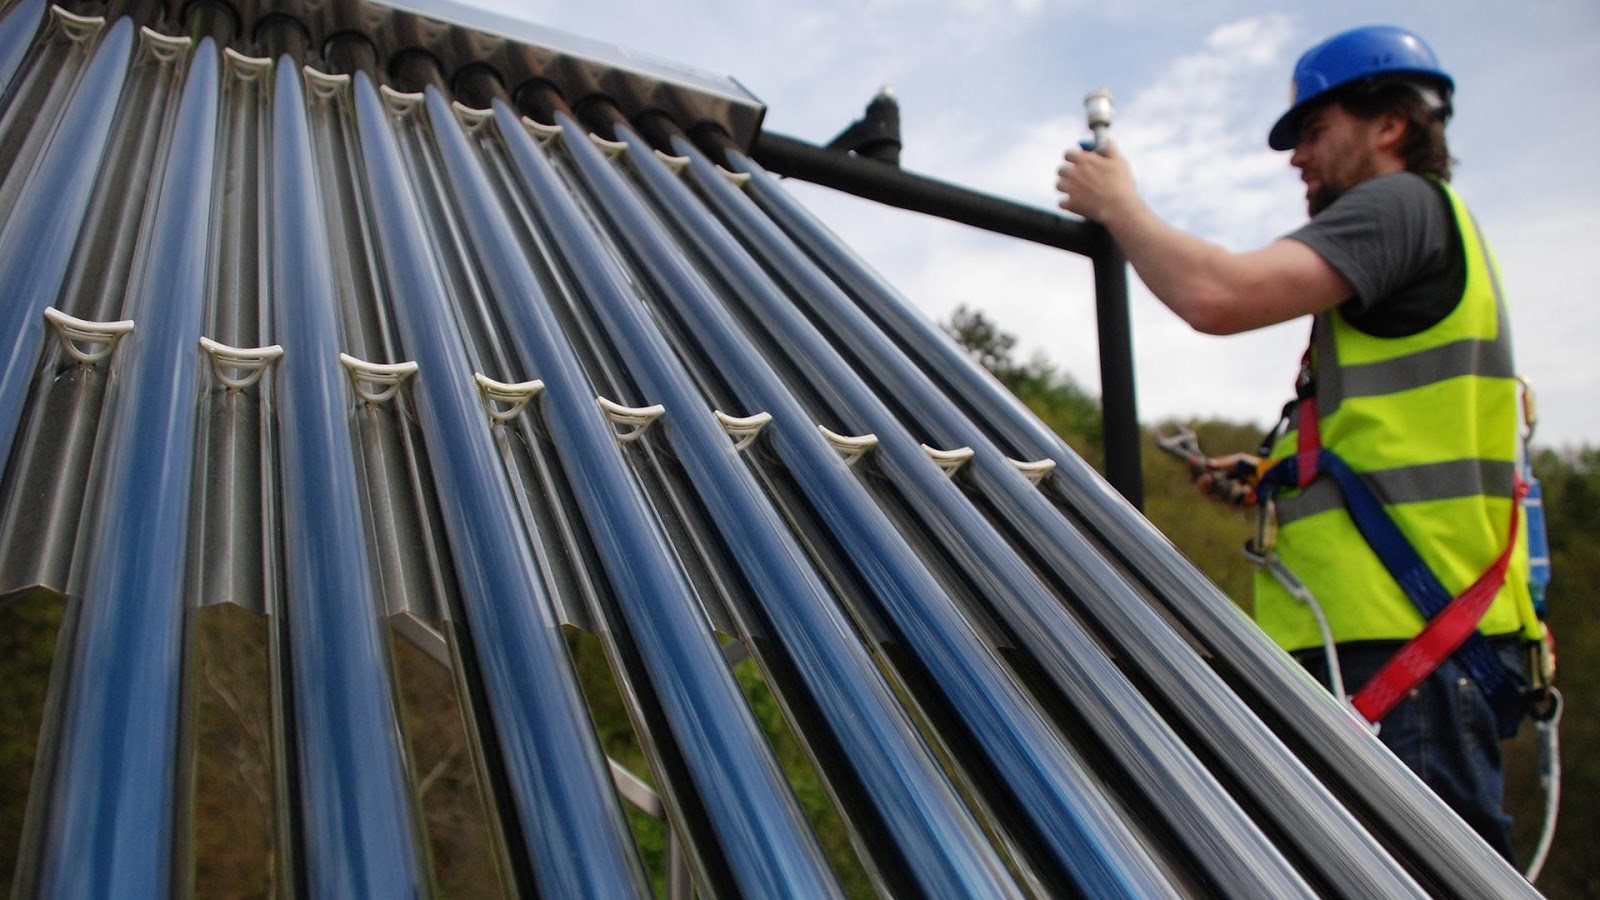 Lắp đường ống tối giản và thuận tiện để sử dụng